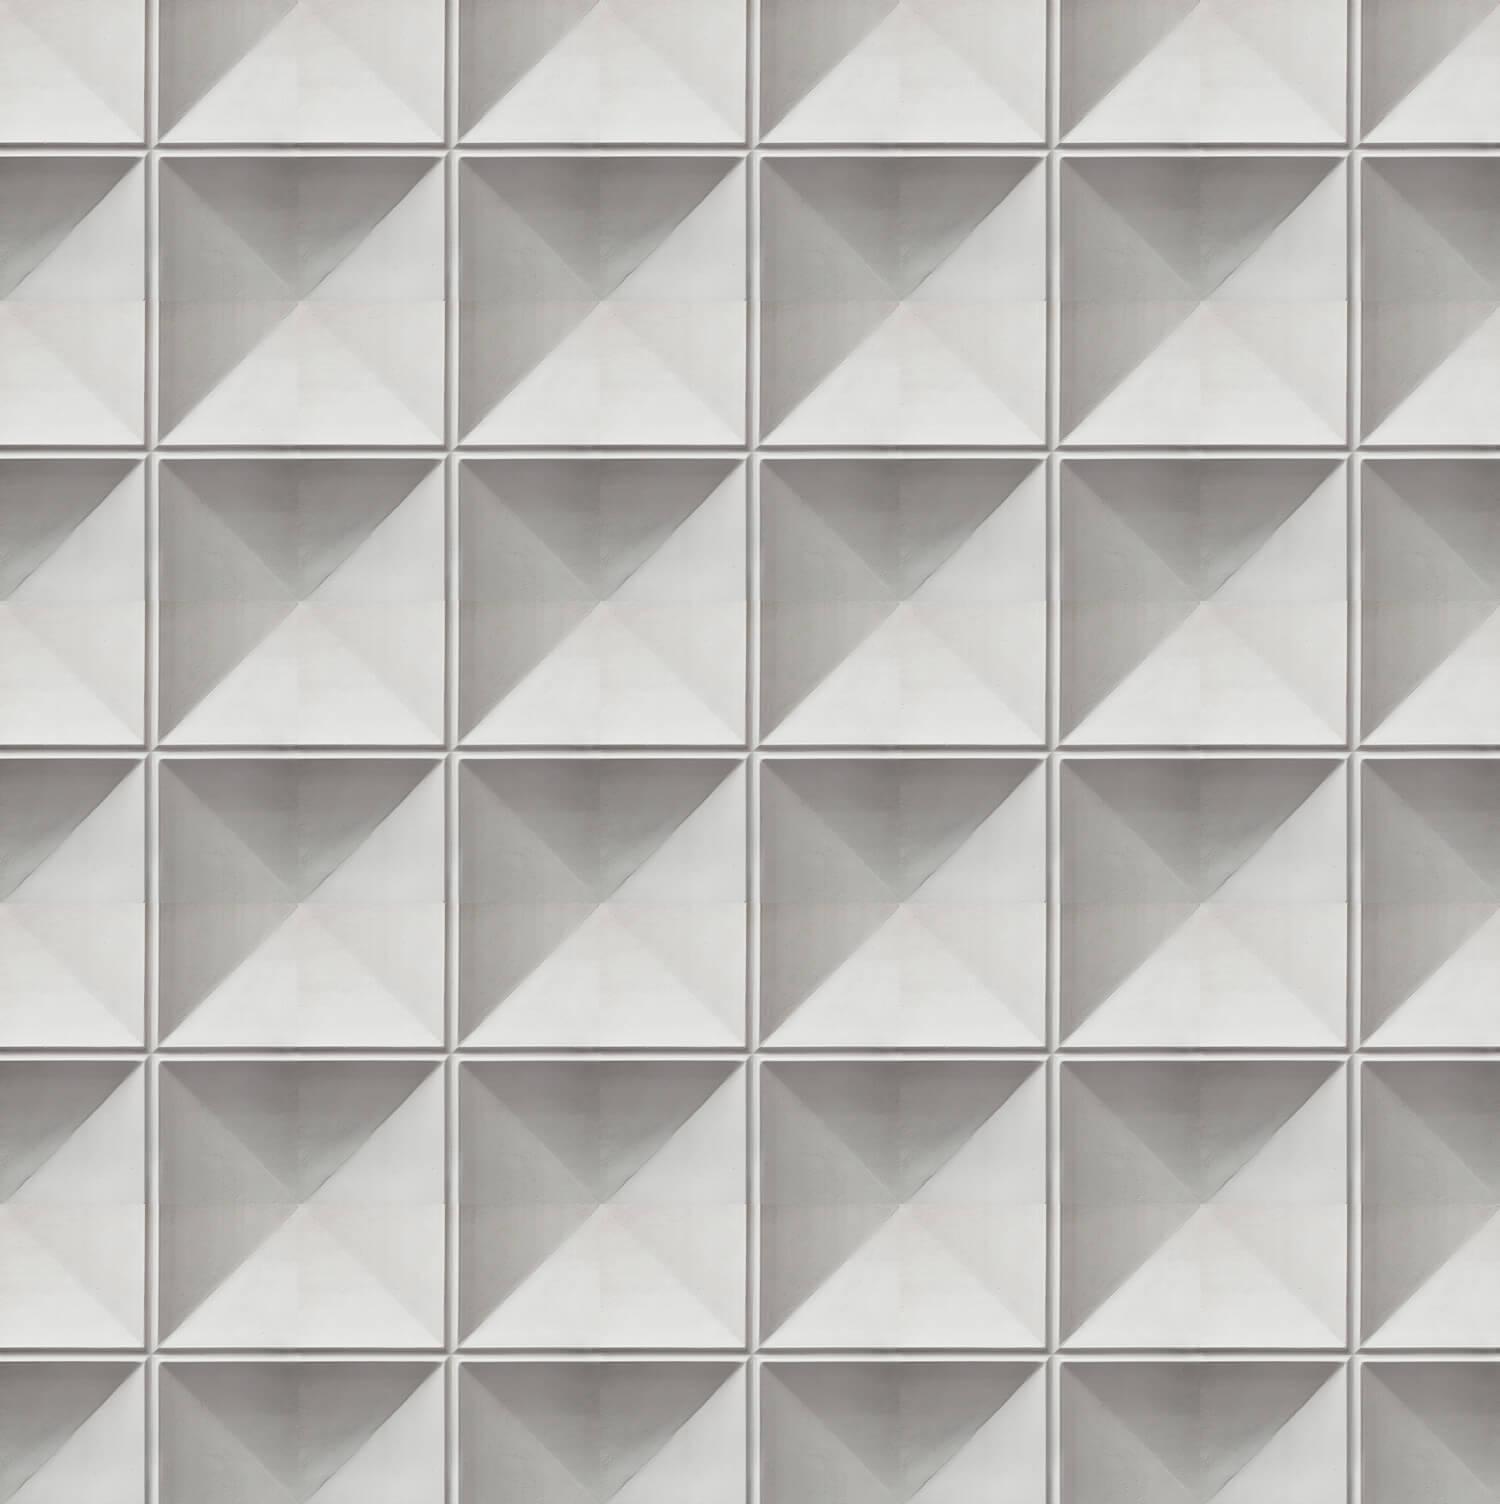 Plaster_studio_tile_sq_08_plaster